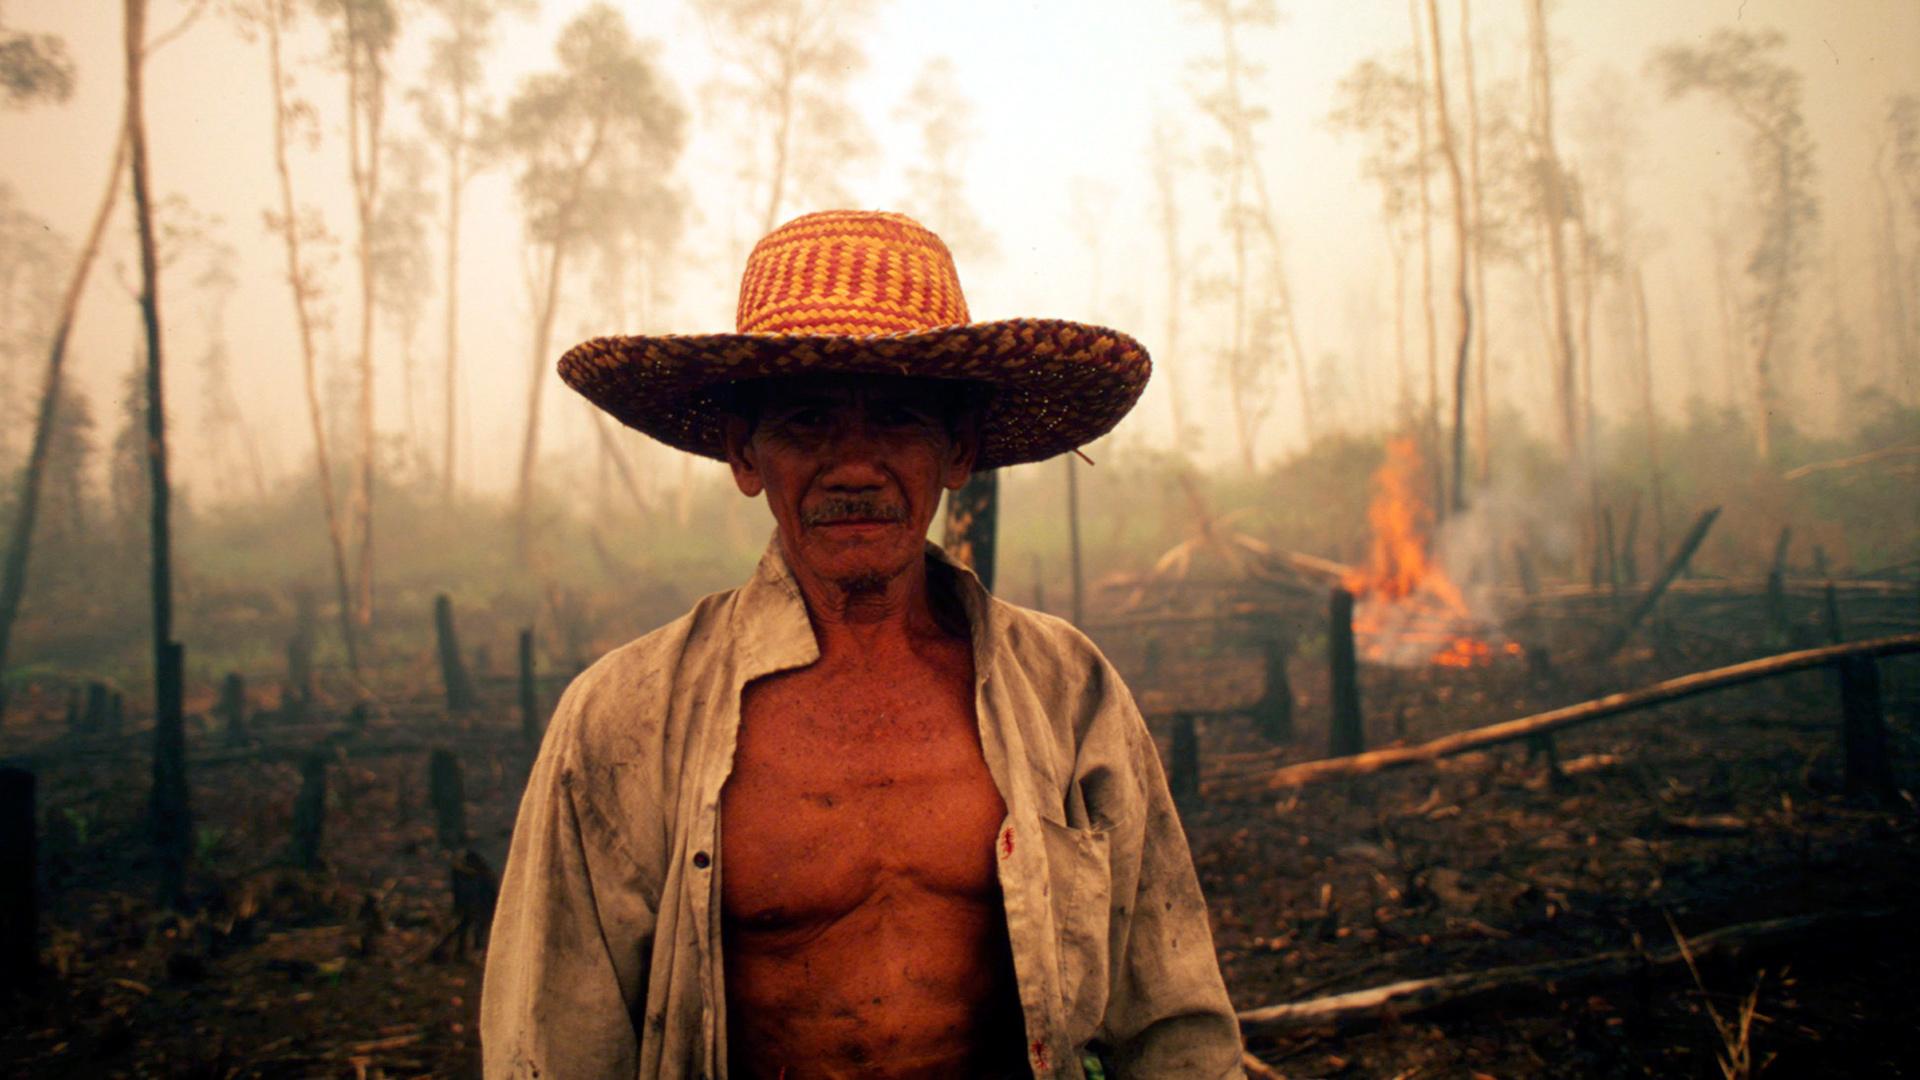 Palmöl-Check 2019: Deutsche Spitzenreiter und Schlusslichter. © Tantyo Bangun / WWF